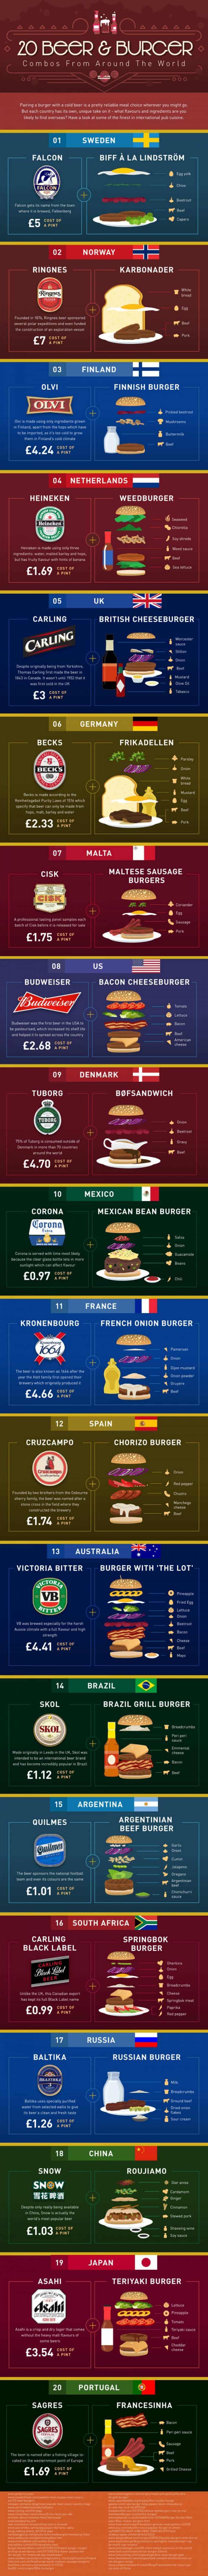 20 Beer/Burger Combos